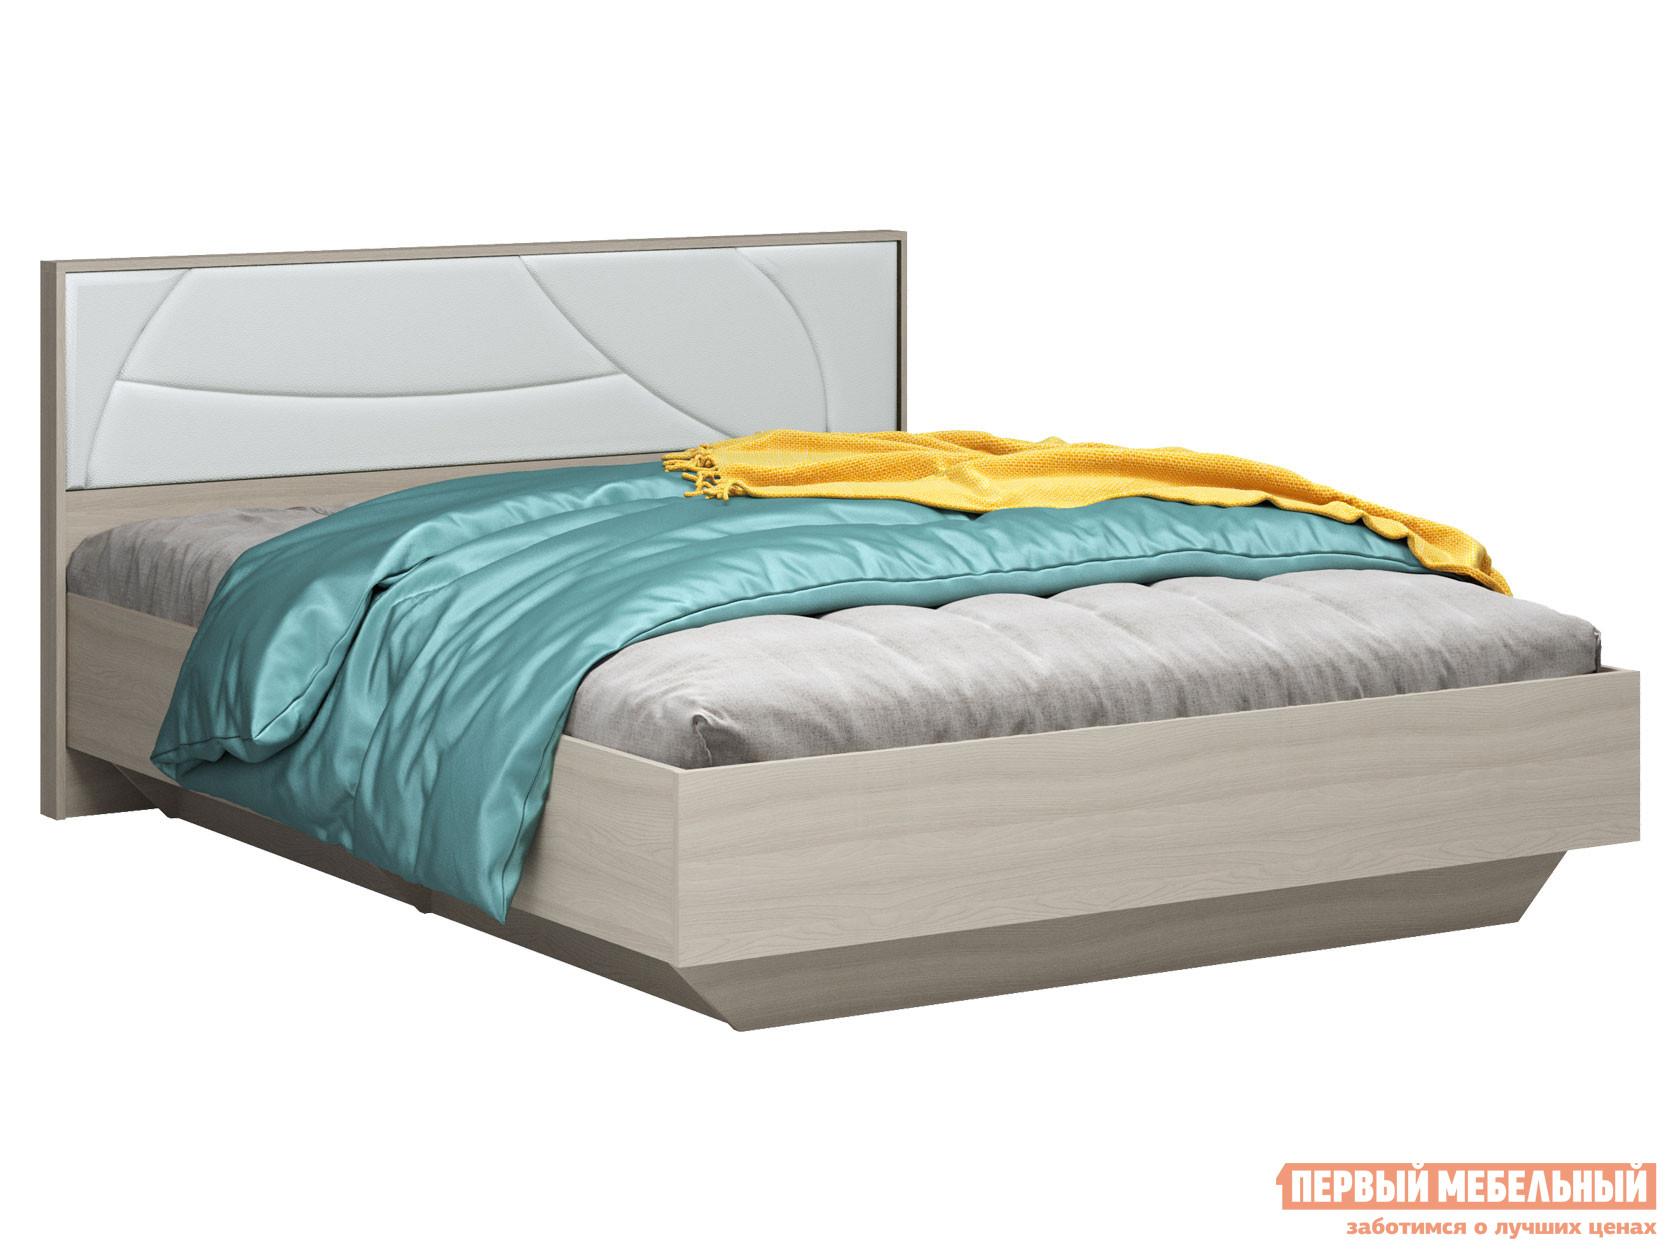 Односпальная кровать  Мирти Люкс Ясень шимо светлый / Белый, экокожа, С анатомическим основанием